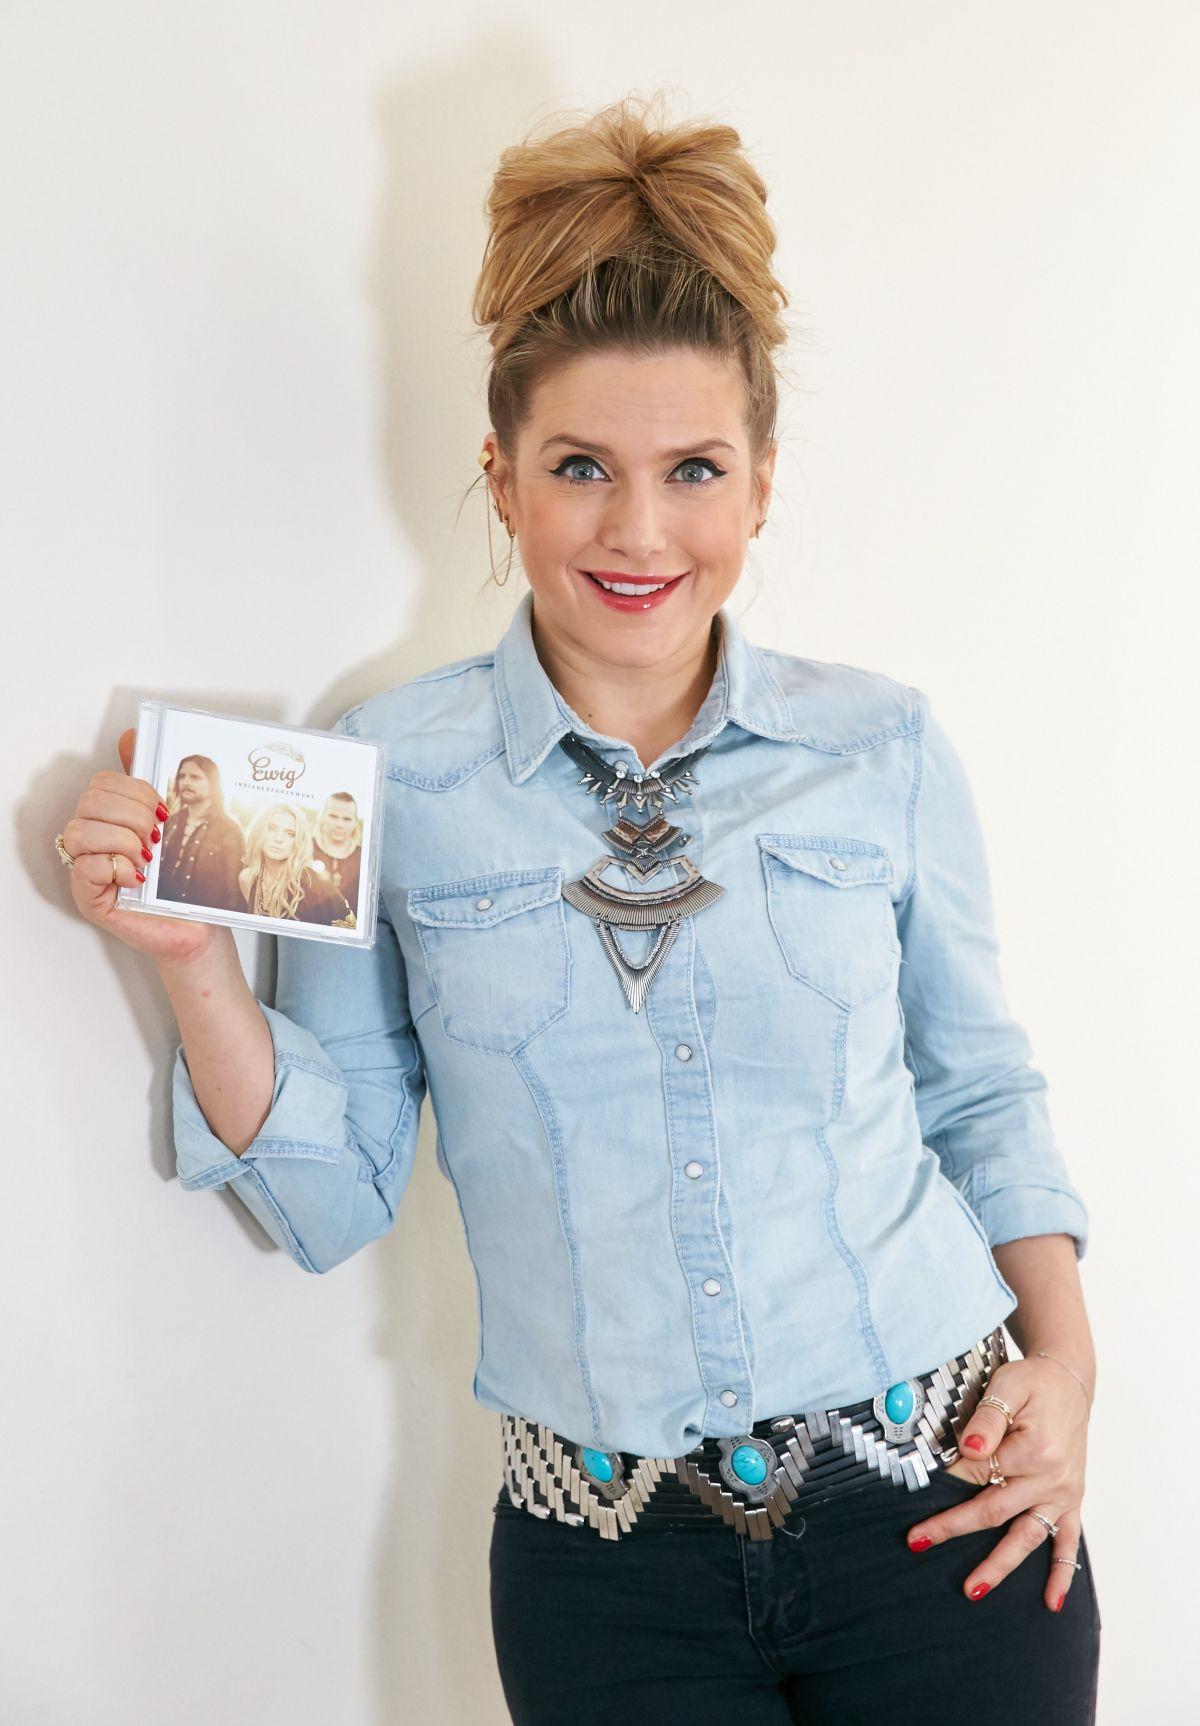 JEANETTE BIEDERMANN Presents Her New CD Indianerehrenwort in Vienna